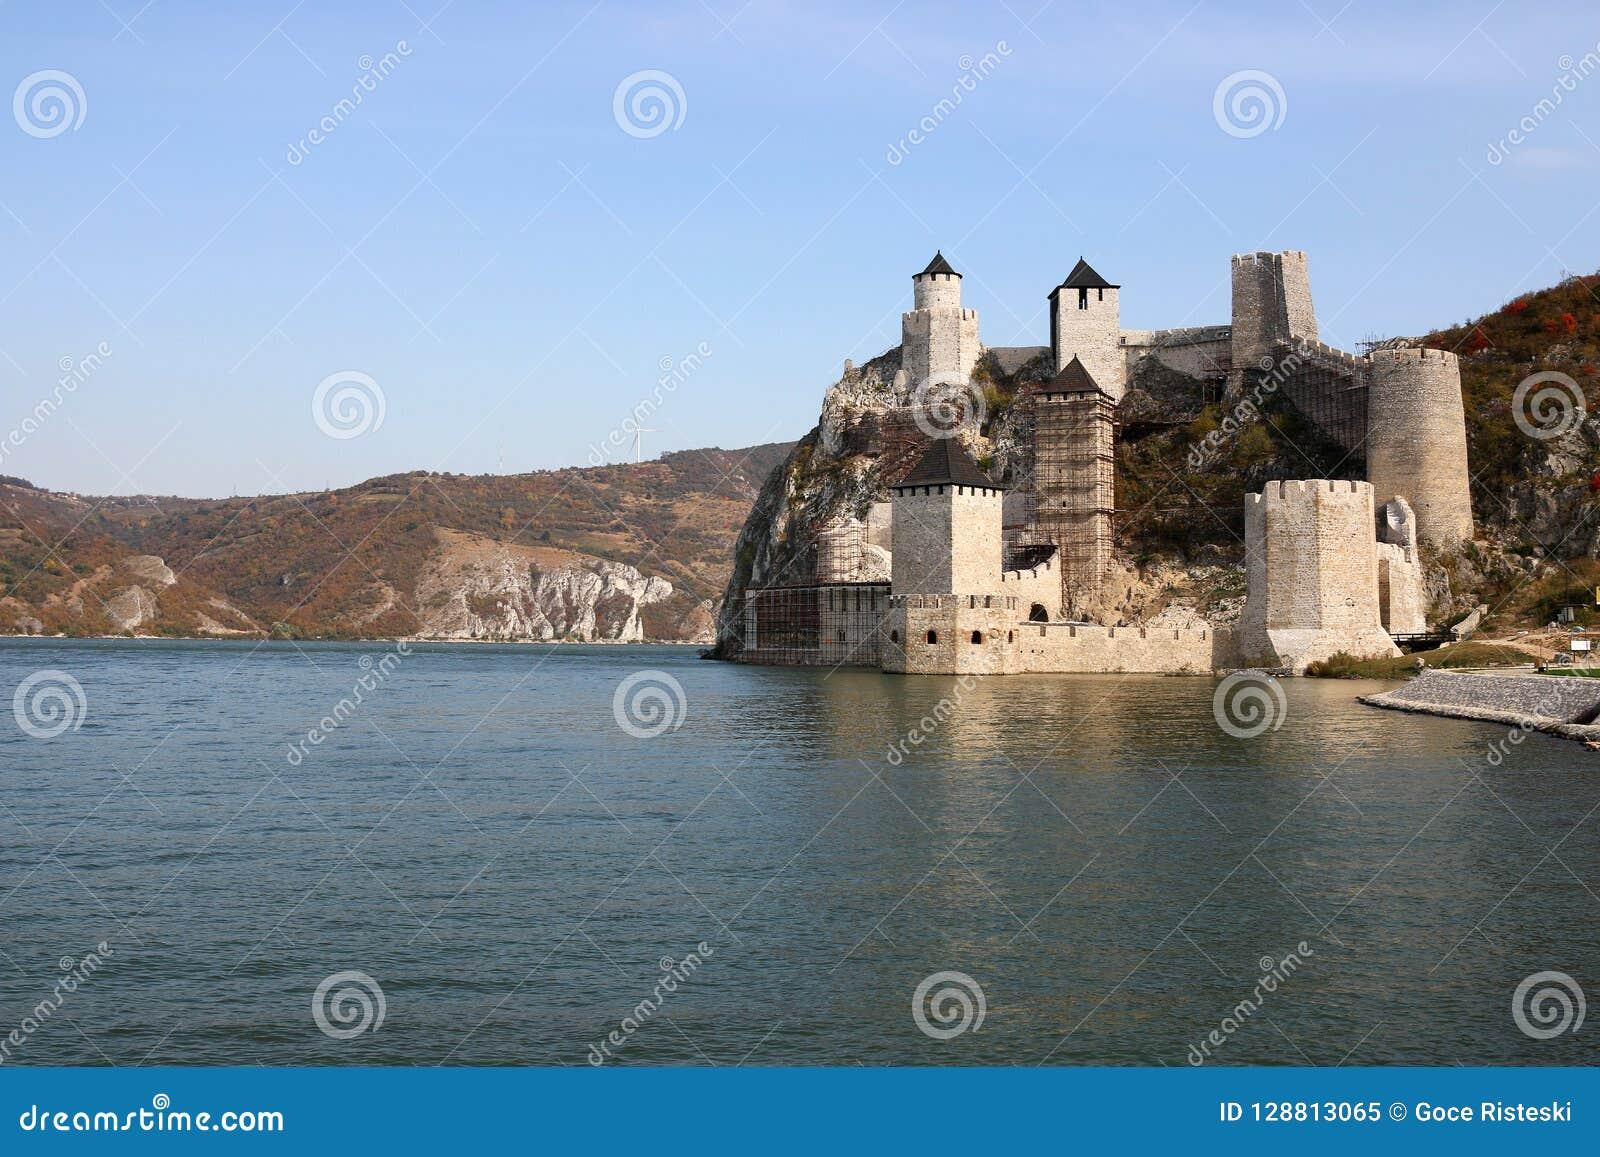 Golubac fortress on Danube river autumn season landscape